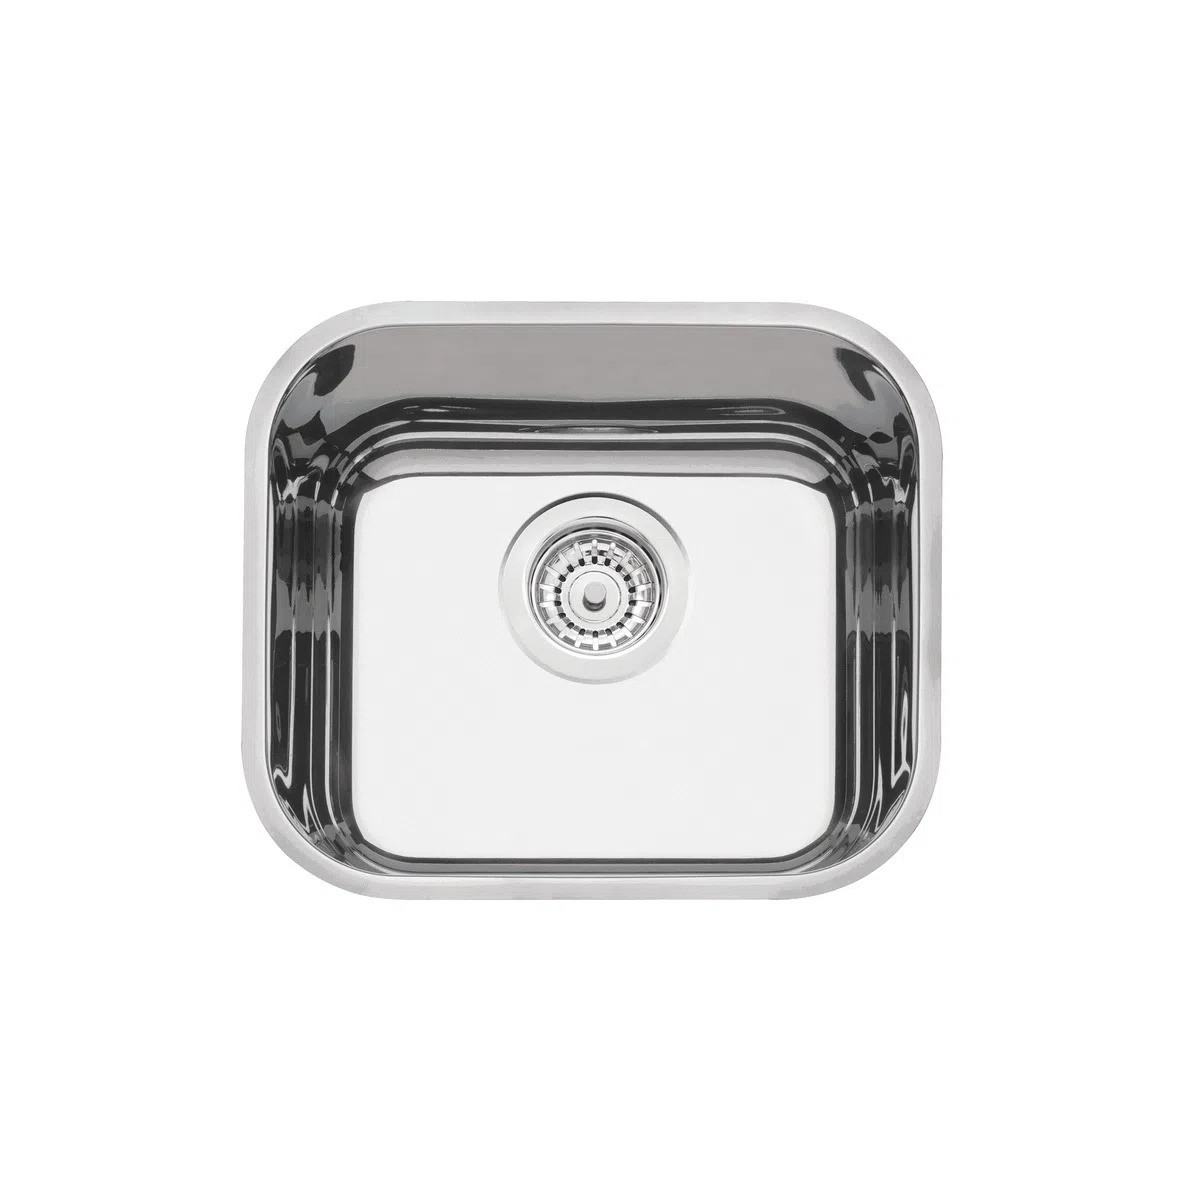 Cuba de embutir Tramontina Lavínia 40 BL em Aço Inox Alto Brilho 40x34 cm  - DOTEC SHOP